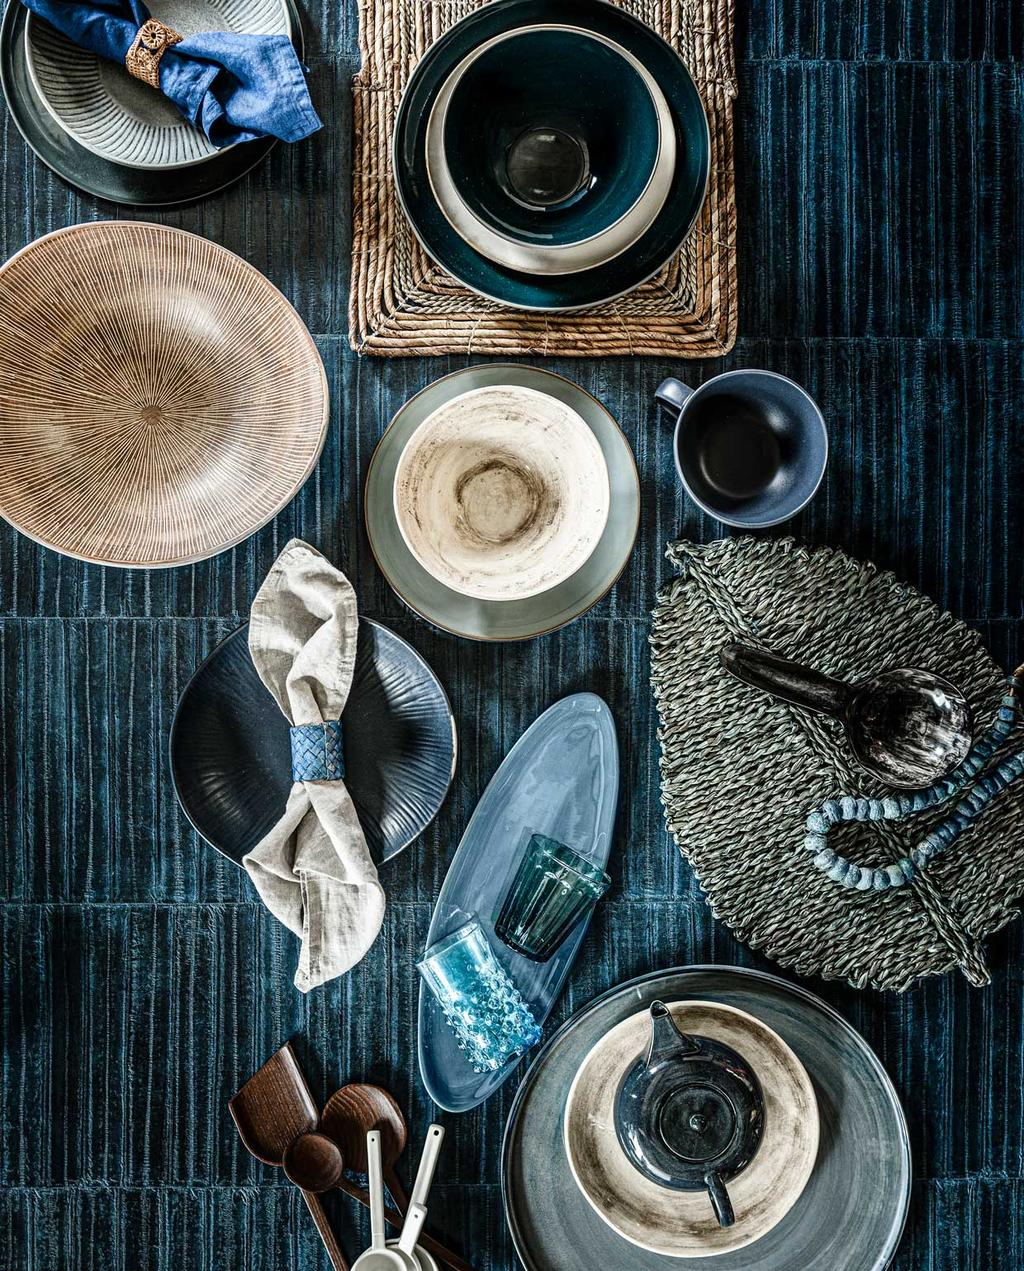 vtwonen 11-2020 | styling blauw gedekte tafel